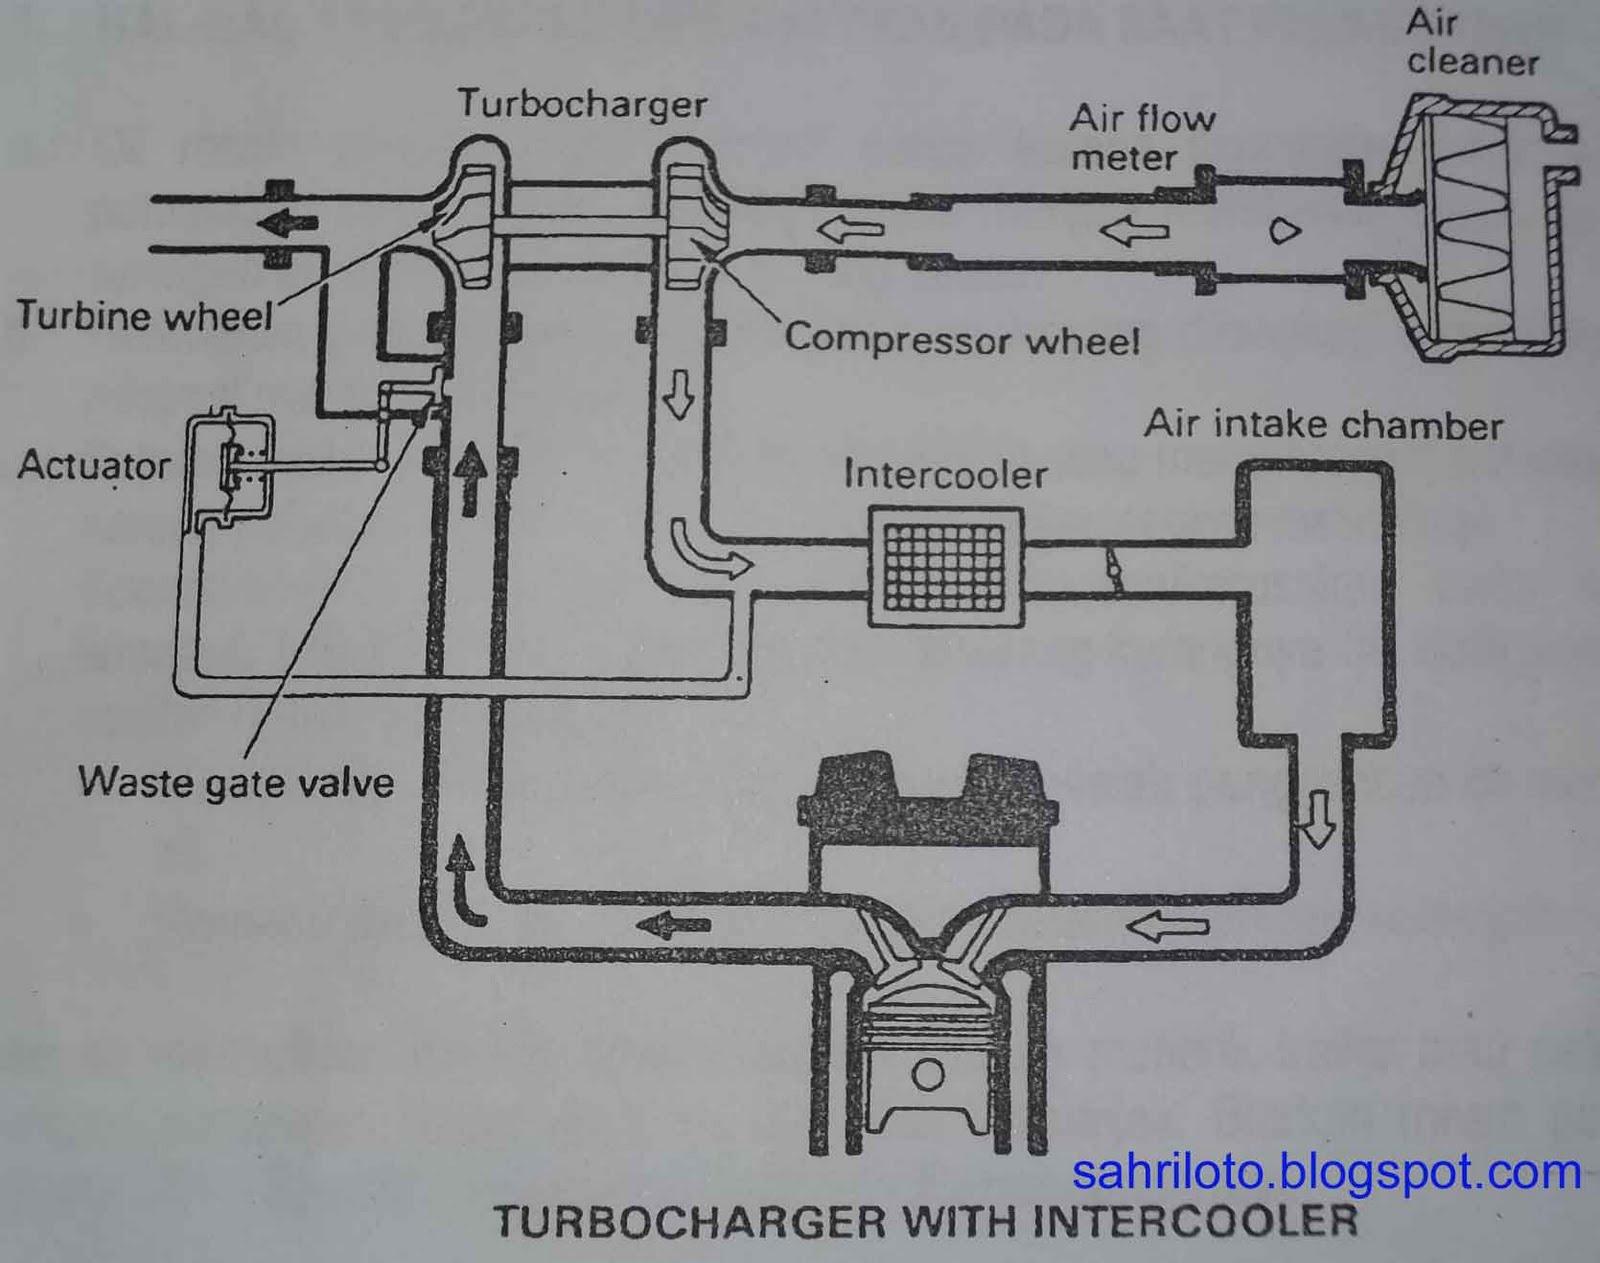 demikianlah lanjutan dari materi turbocharger, semoga bermanfaat bagi